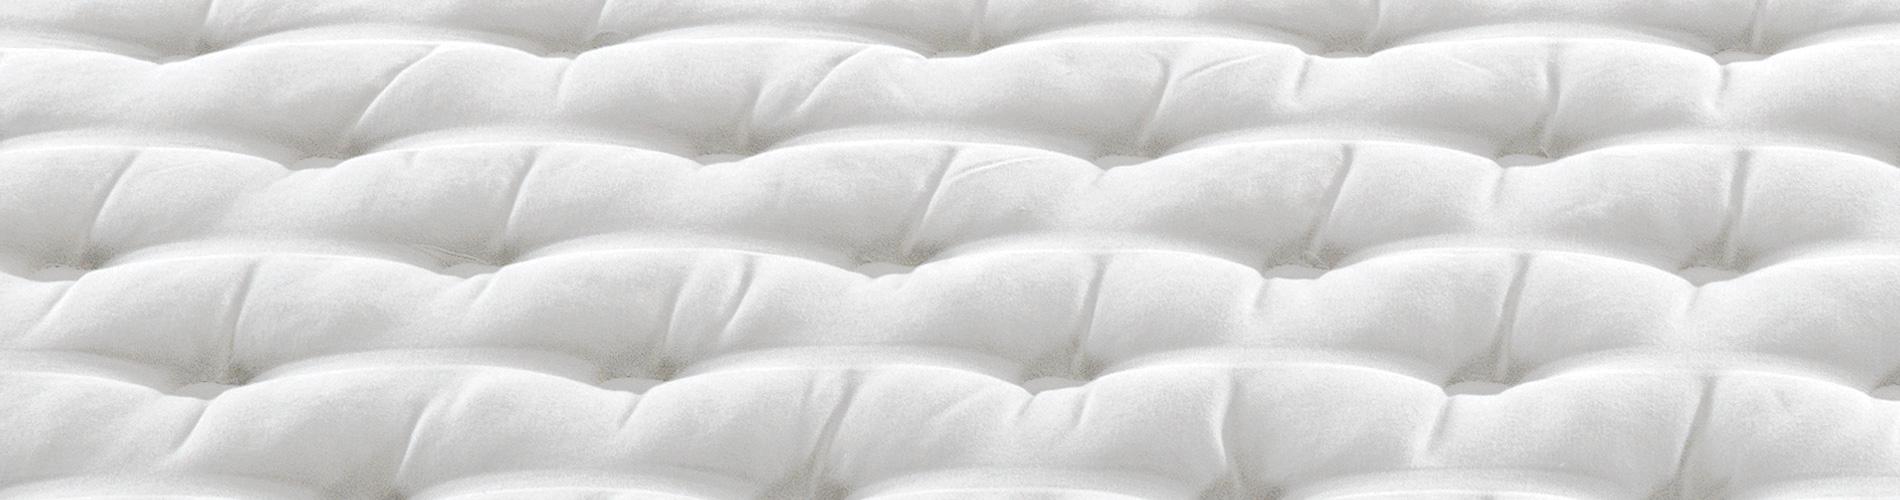 acolchado de viscosa del colchón muelles ensacados ZIP